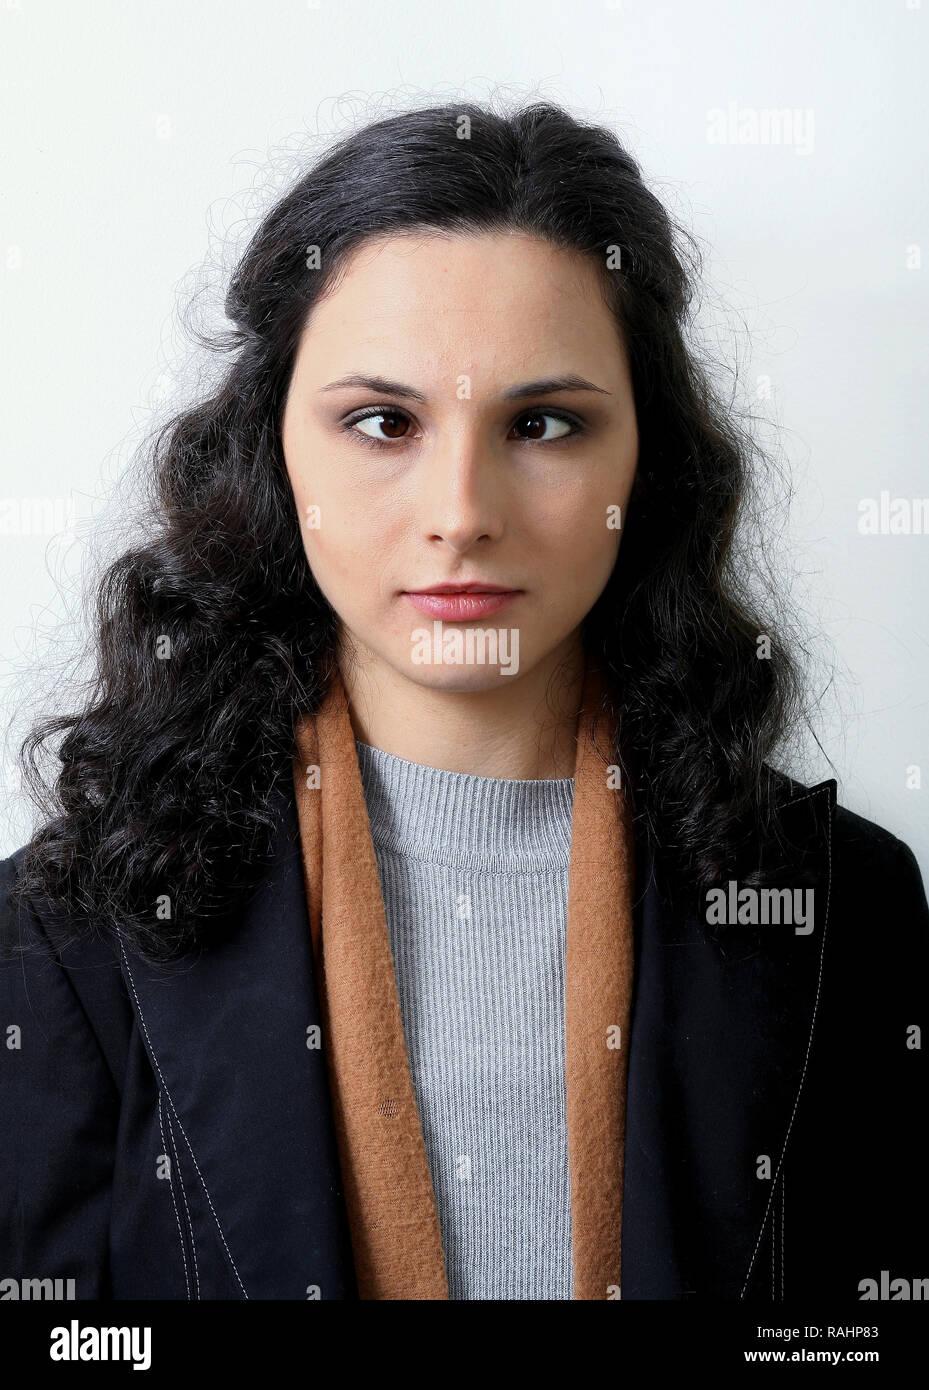 Ritratto di giovane donna con gli OCCHI INCROCIATI Immagini Stock